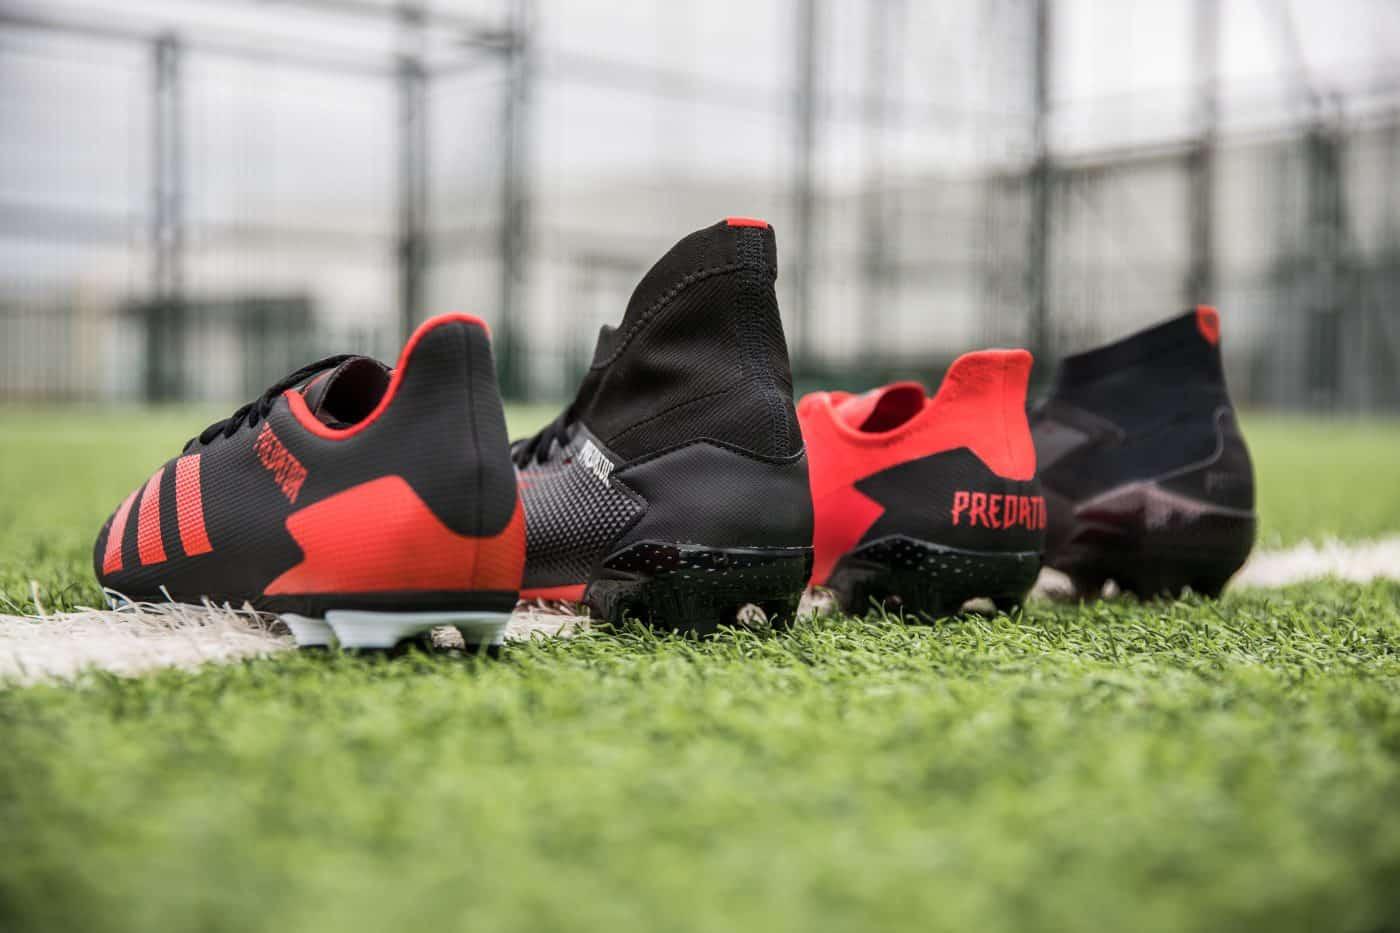 gamme-adidas-predator-20-footpack-4